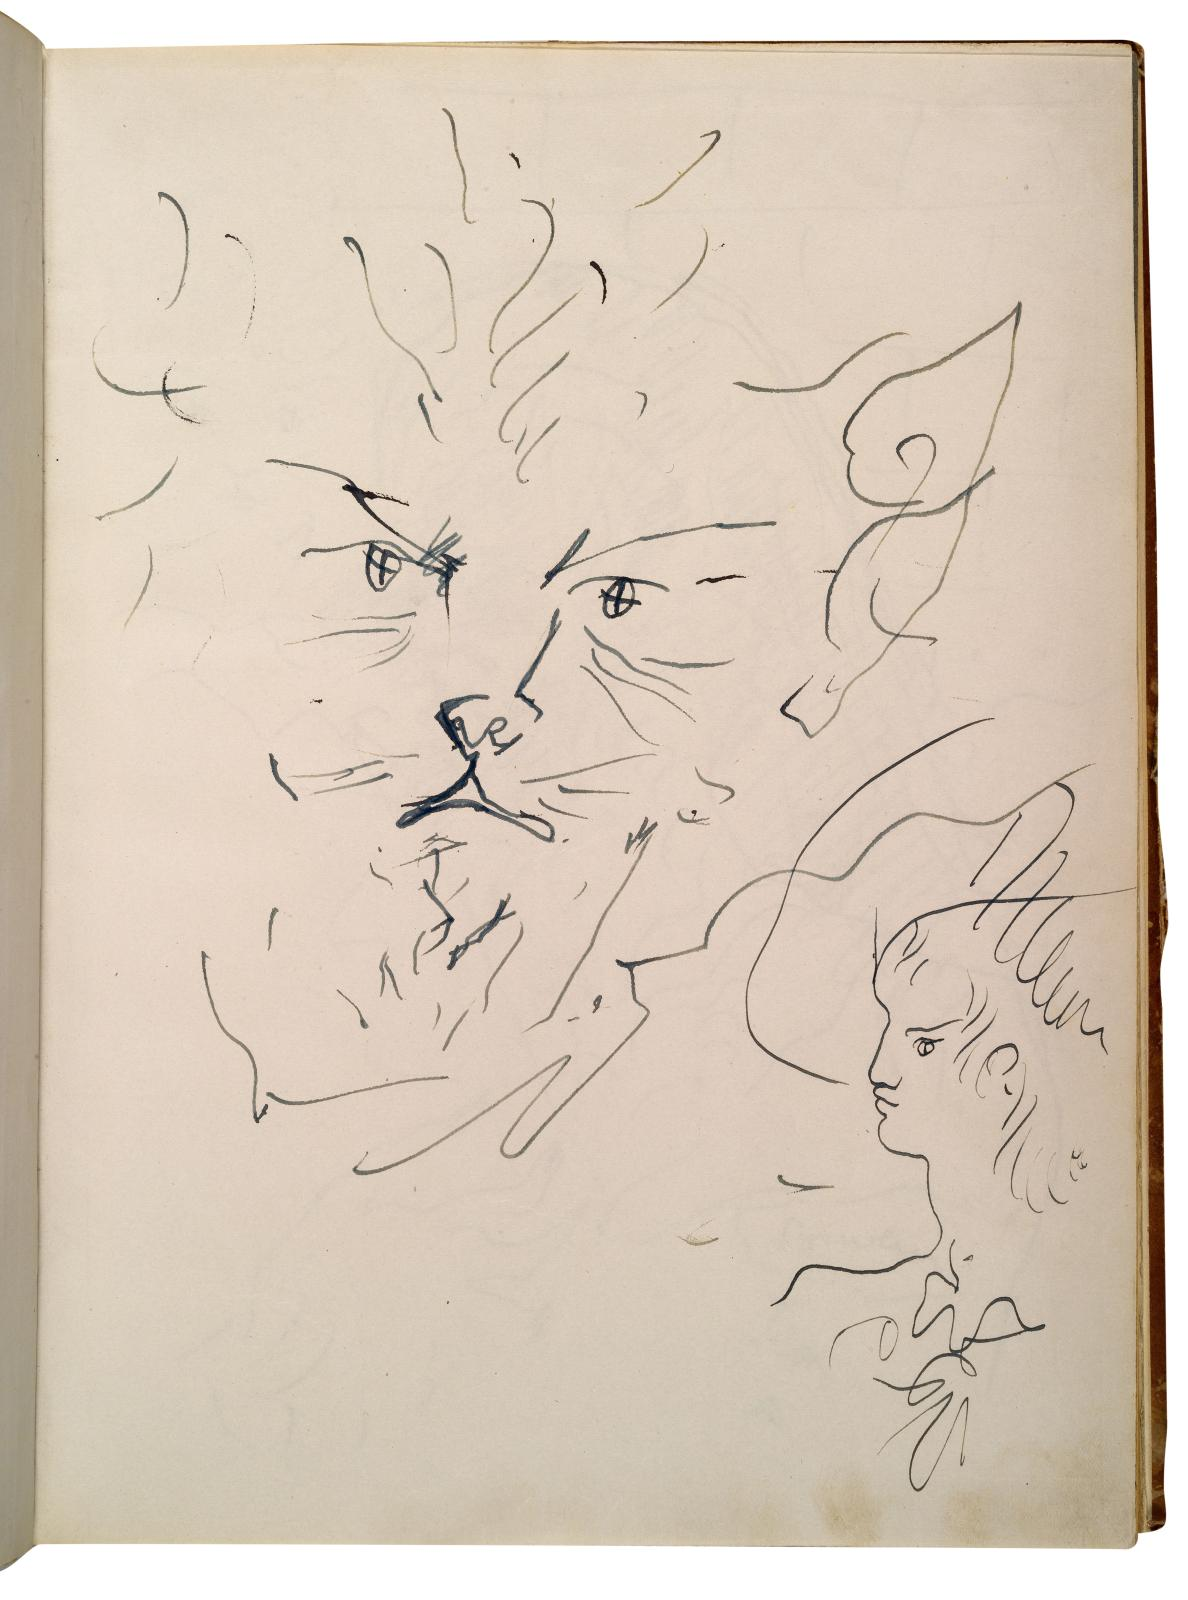 Jean Cocteau (1889-1963), La Belle et la Bête. Journal d'un film, manuscrits autographes et album de quatre-vingt-neufphotographies du tournage. Merc